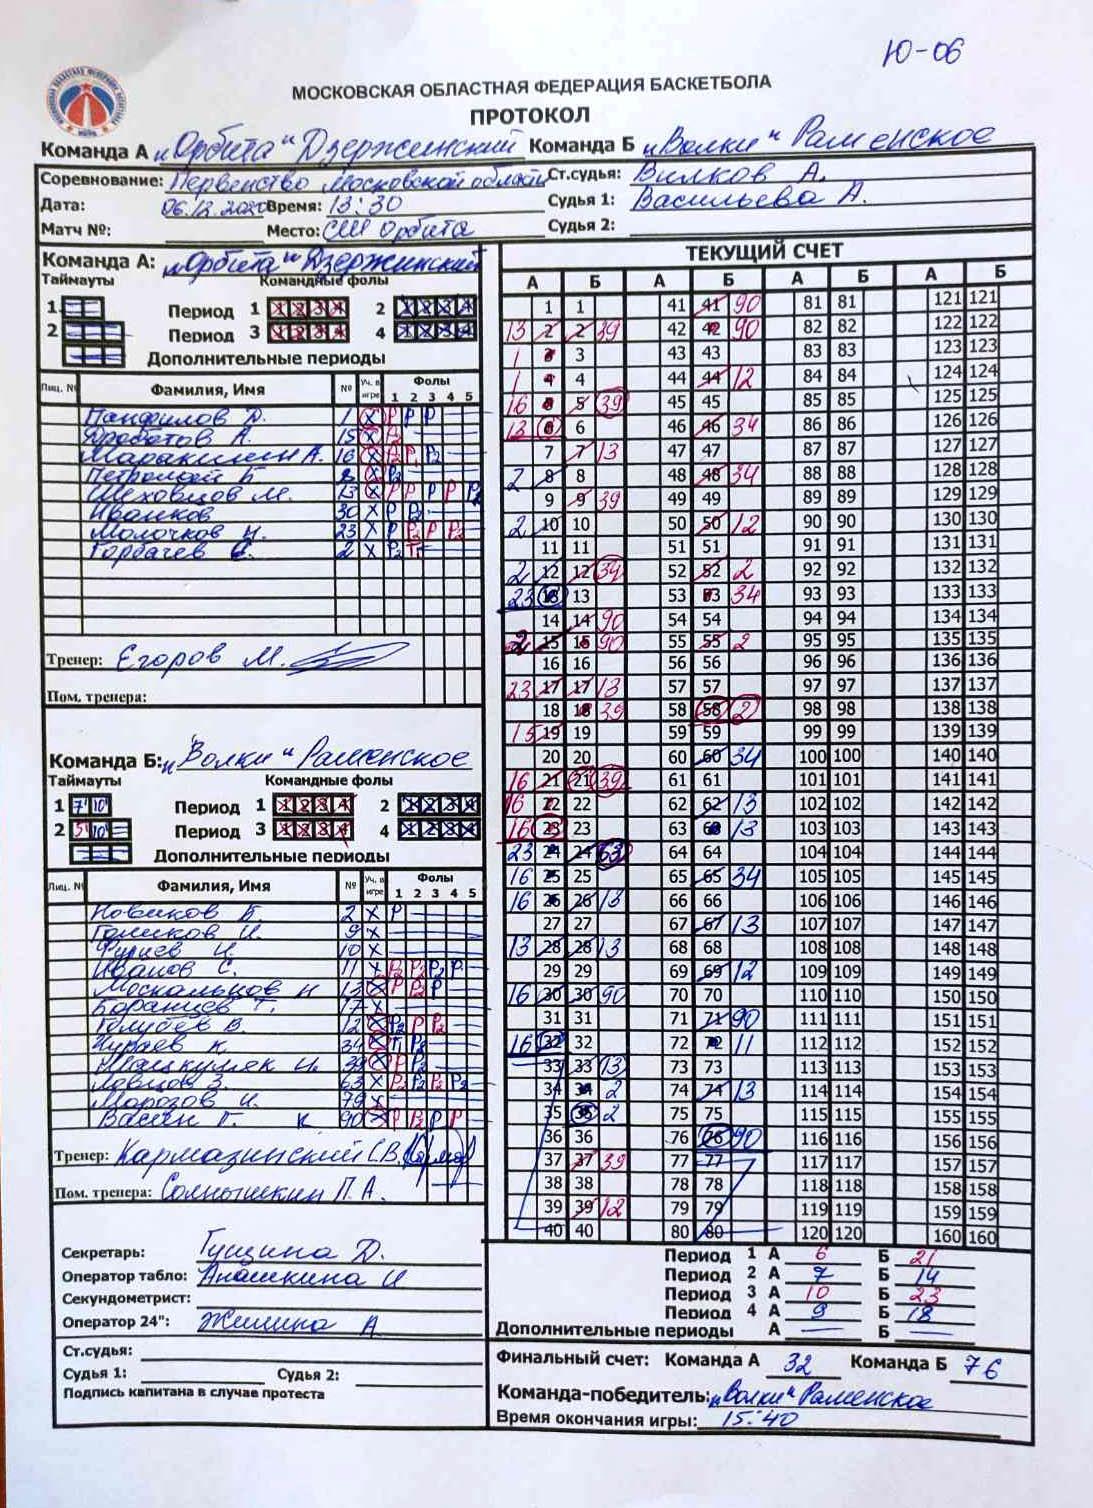 Протокол матча Орбита - Волки, СЛ МО'06, г. Дзержинский, 06.12.2020